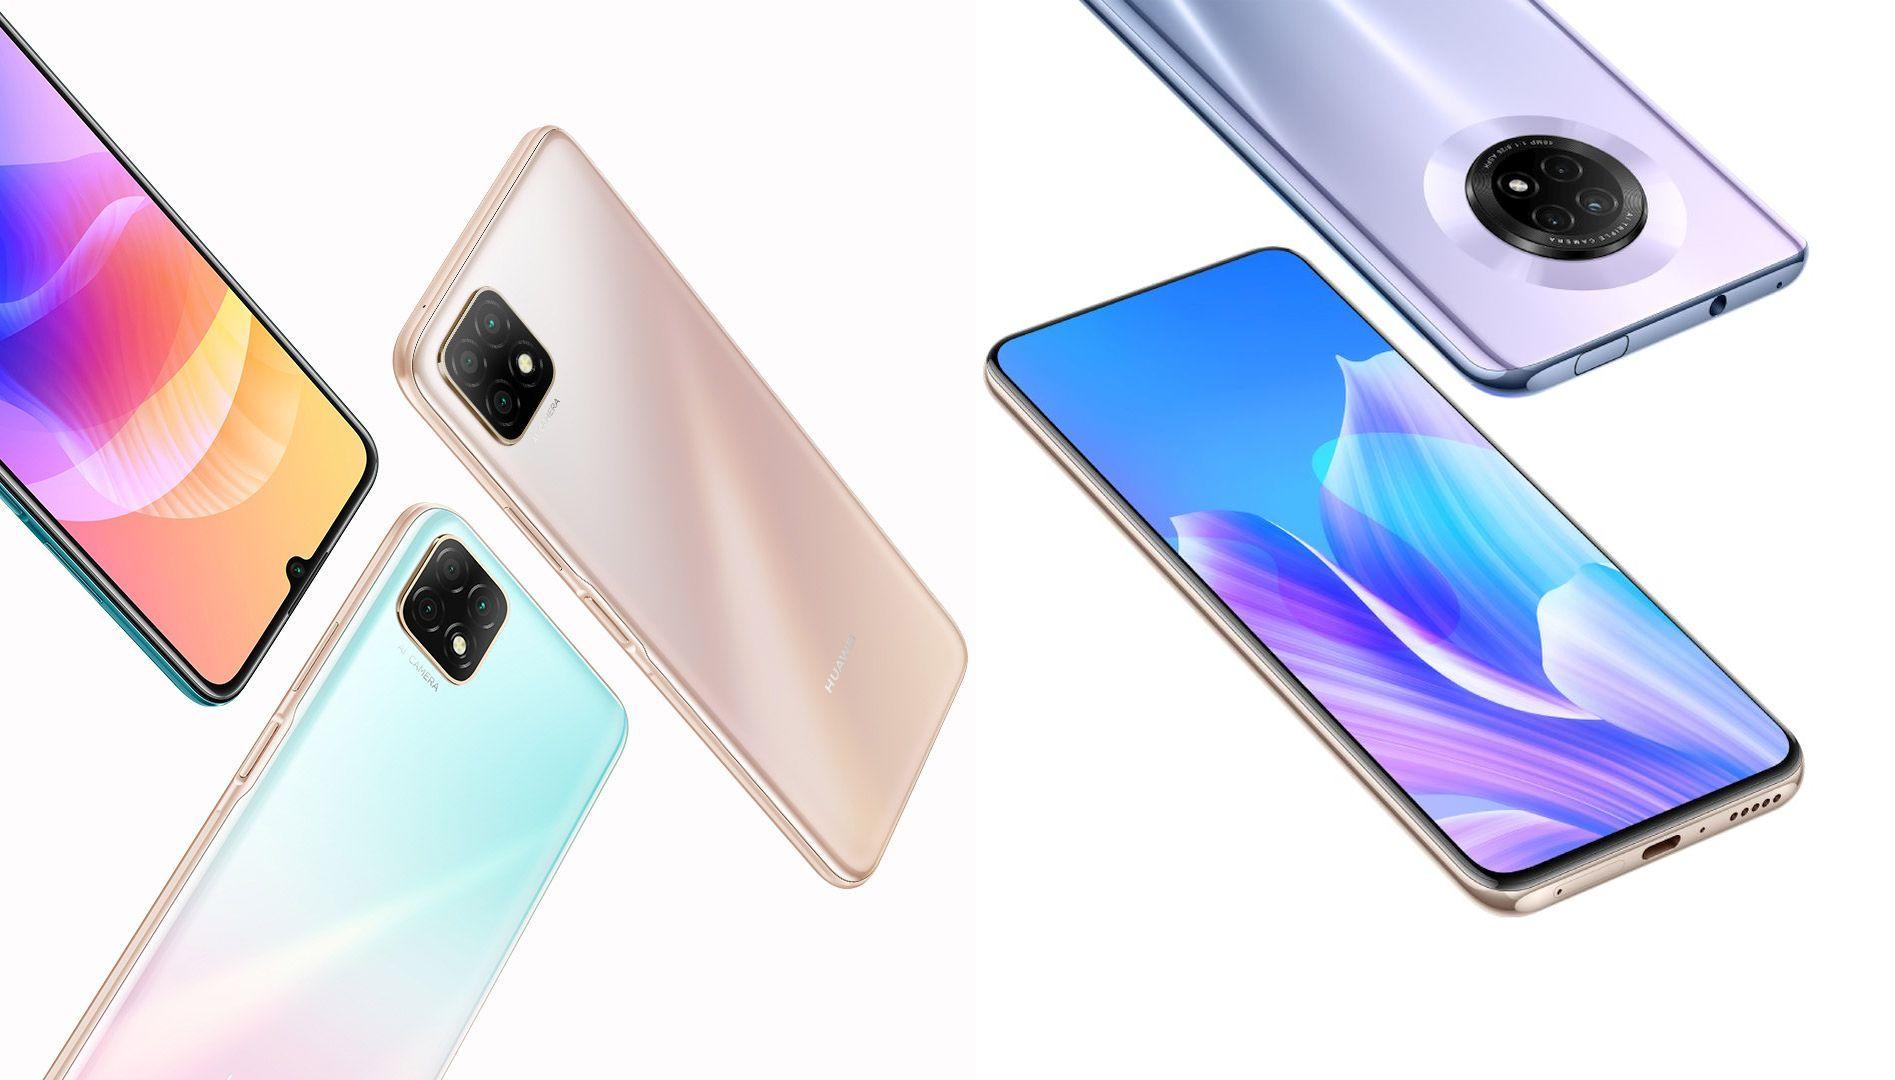 В сеть слили подробные характеристики Huawei Enjoy 20 SE: 6,67 дисплей, квадрокамера и чип Dimensity 700 5G